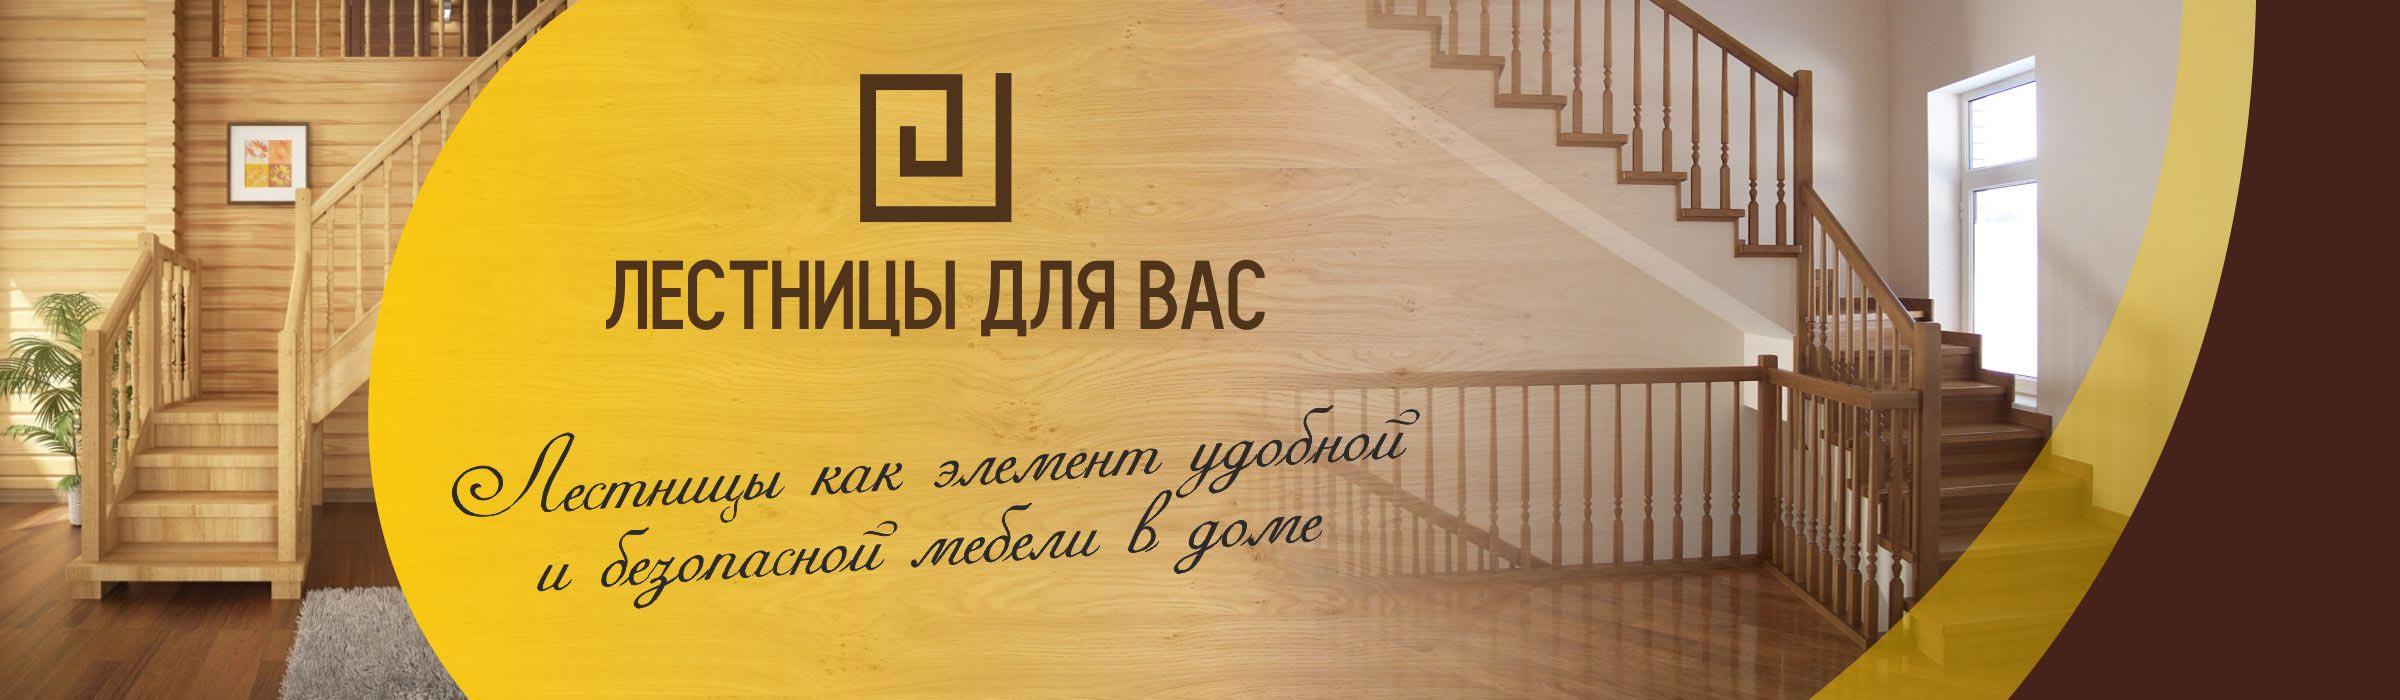 Изделия из дерева 'Лестницы для Вас - Изделия из дерева' в Смоленске. Главная страница